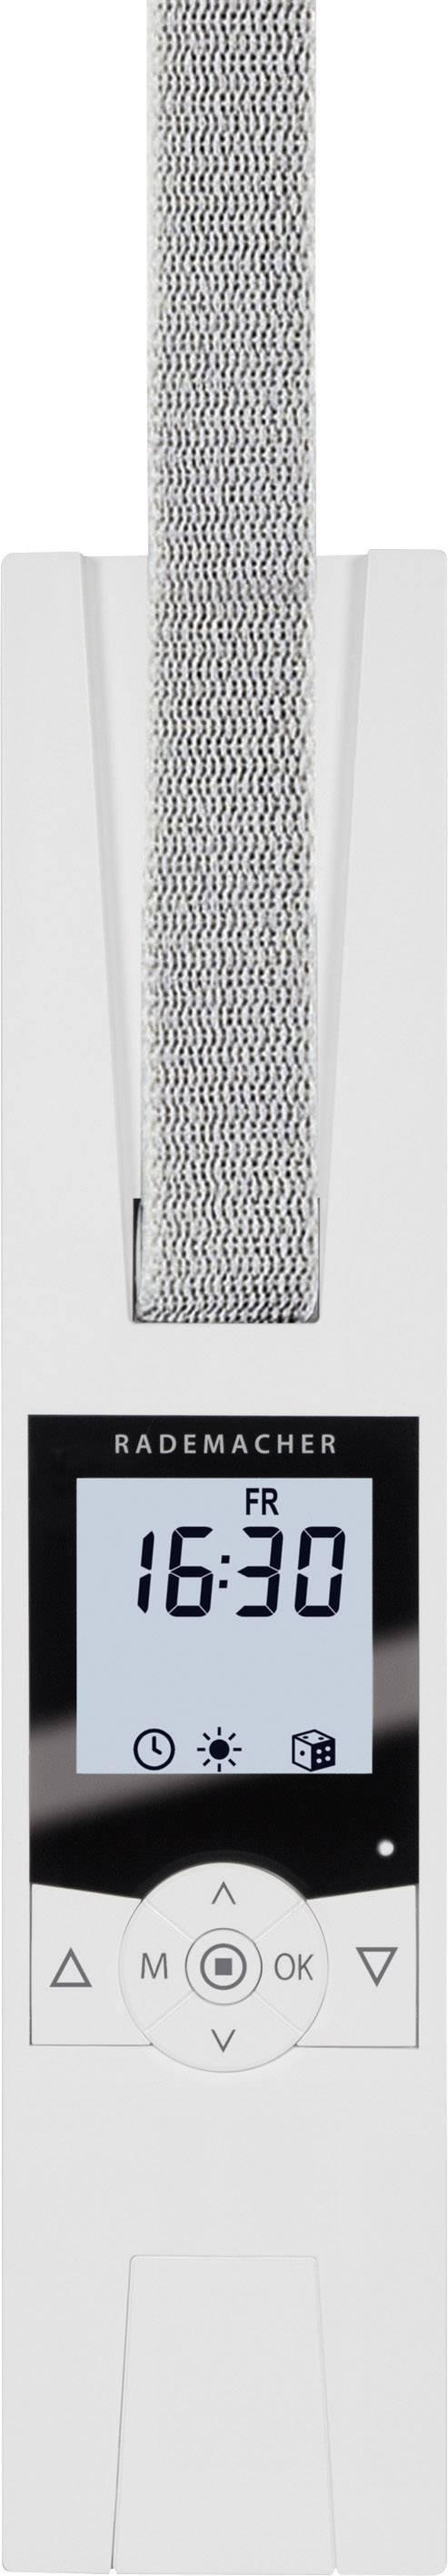 Elektrický navíjač roliet WR Rademacher RolloTron Comfort plus